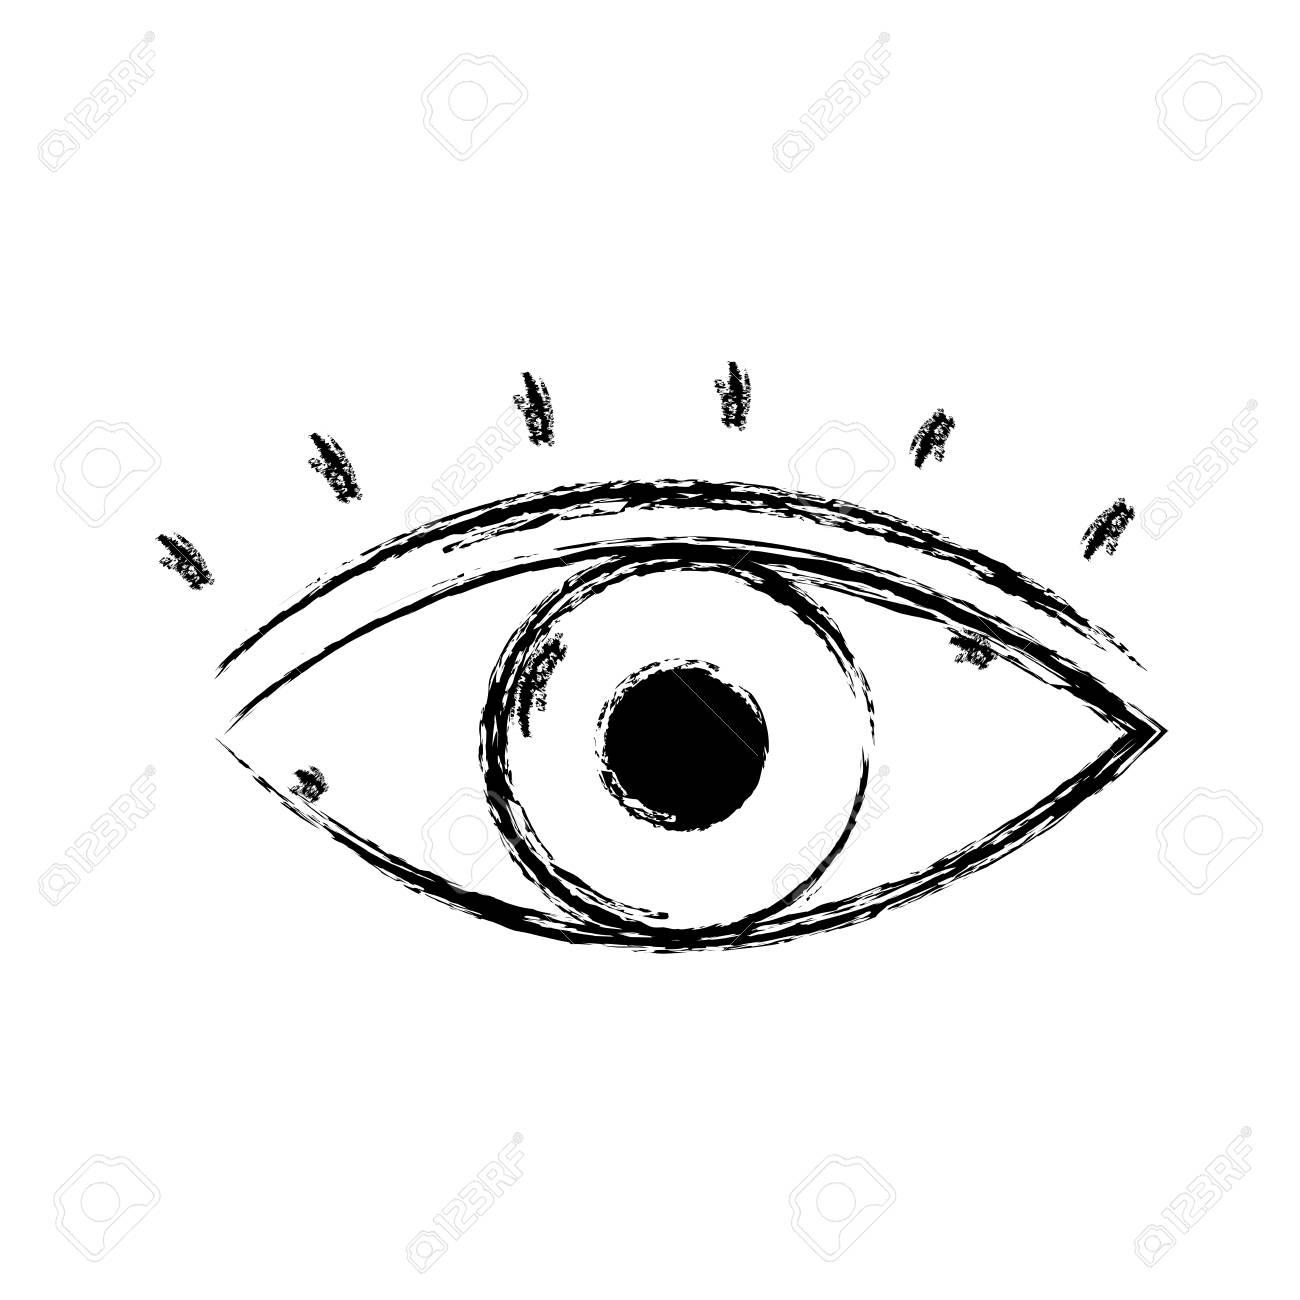 Figura Vista De Ojo Humano Con Pestañas Diseño Ilustración Vectorial ...